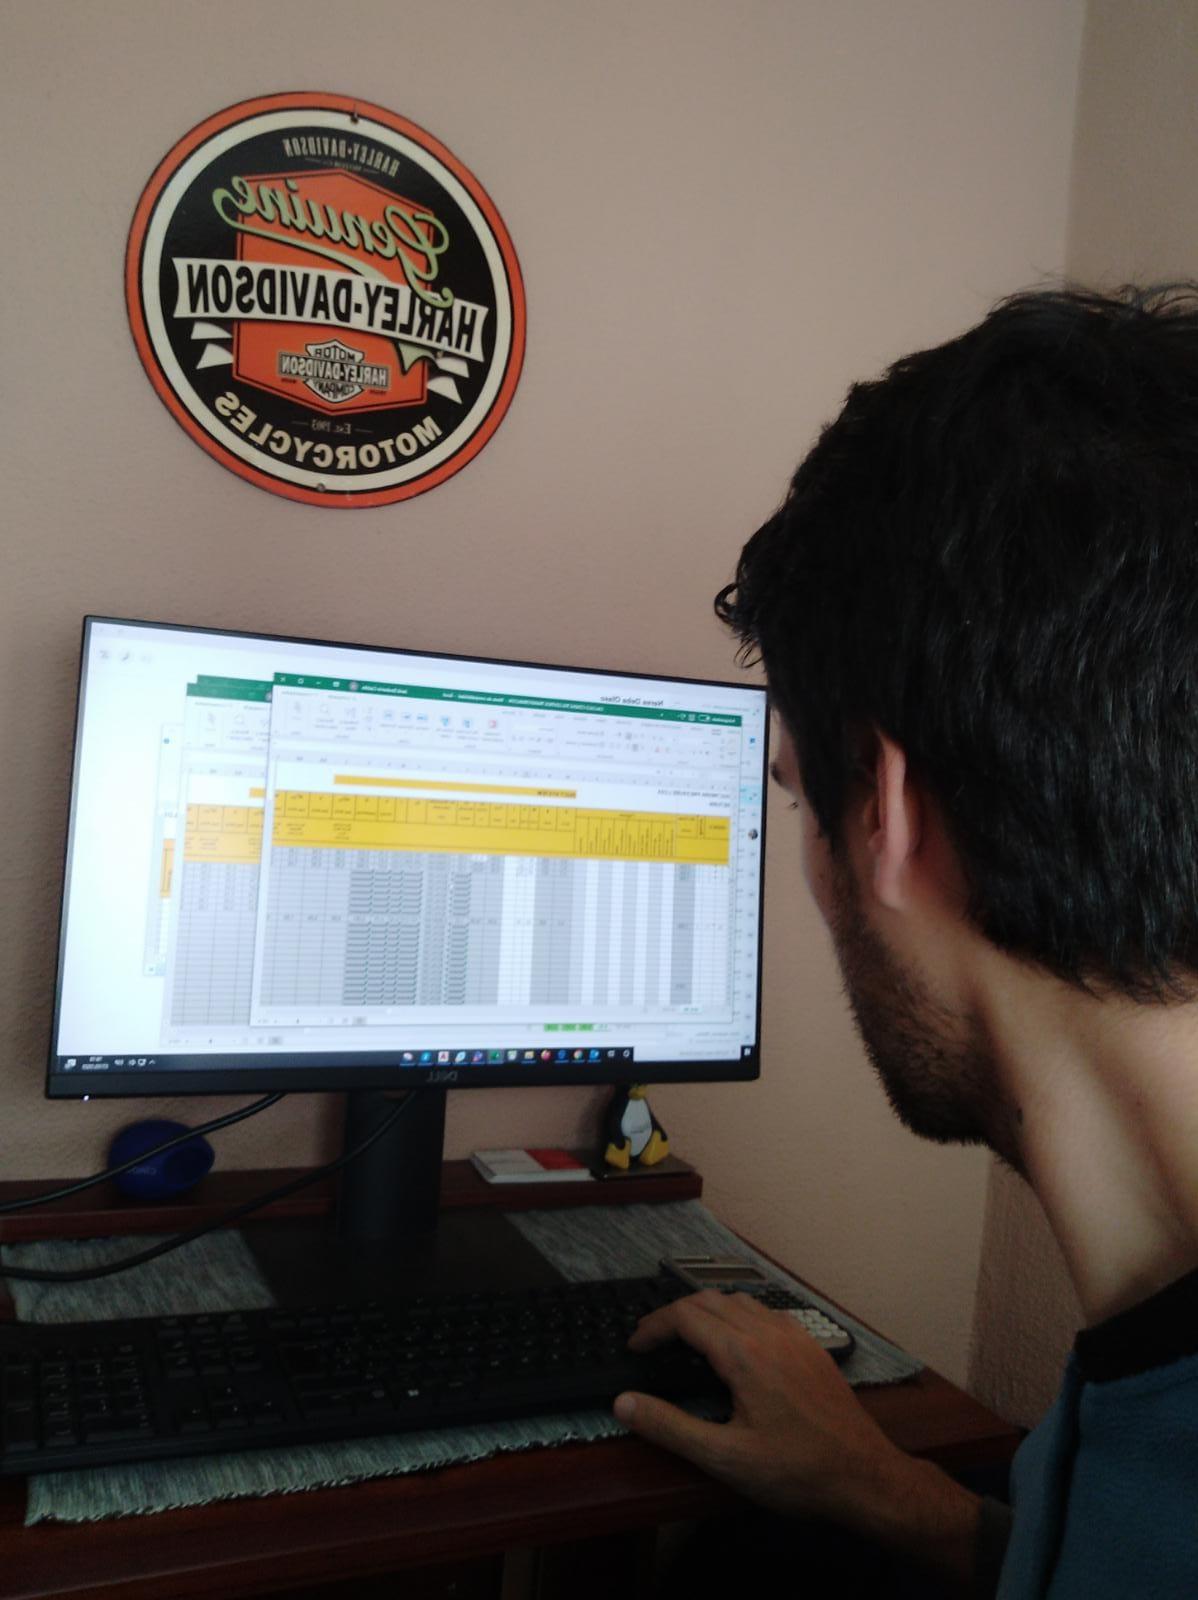 Janik teletrabajando como todos los días. Foto: Donostitik